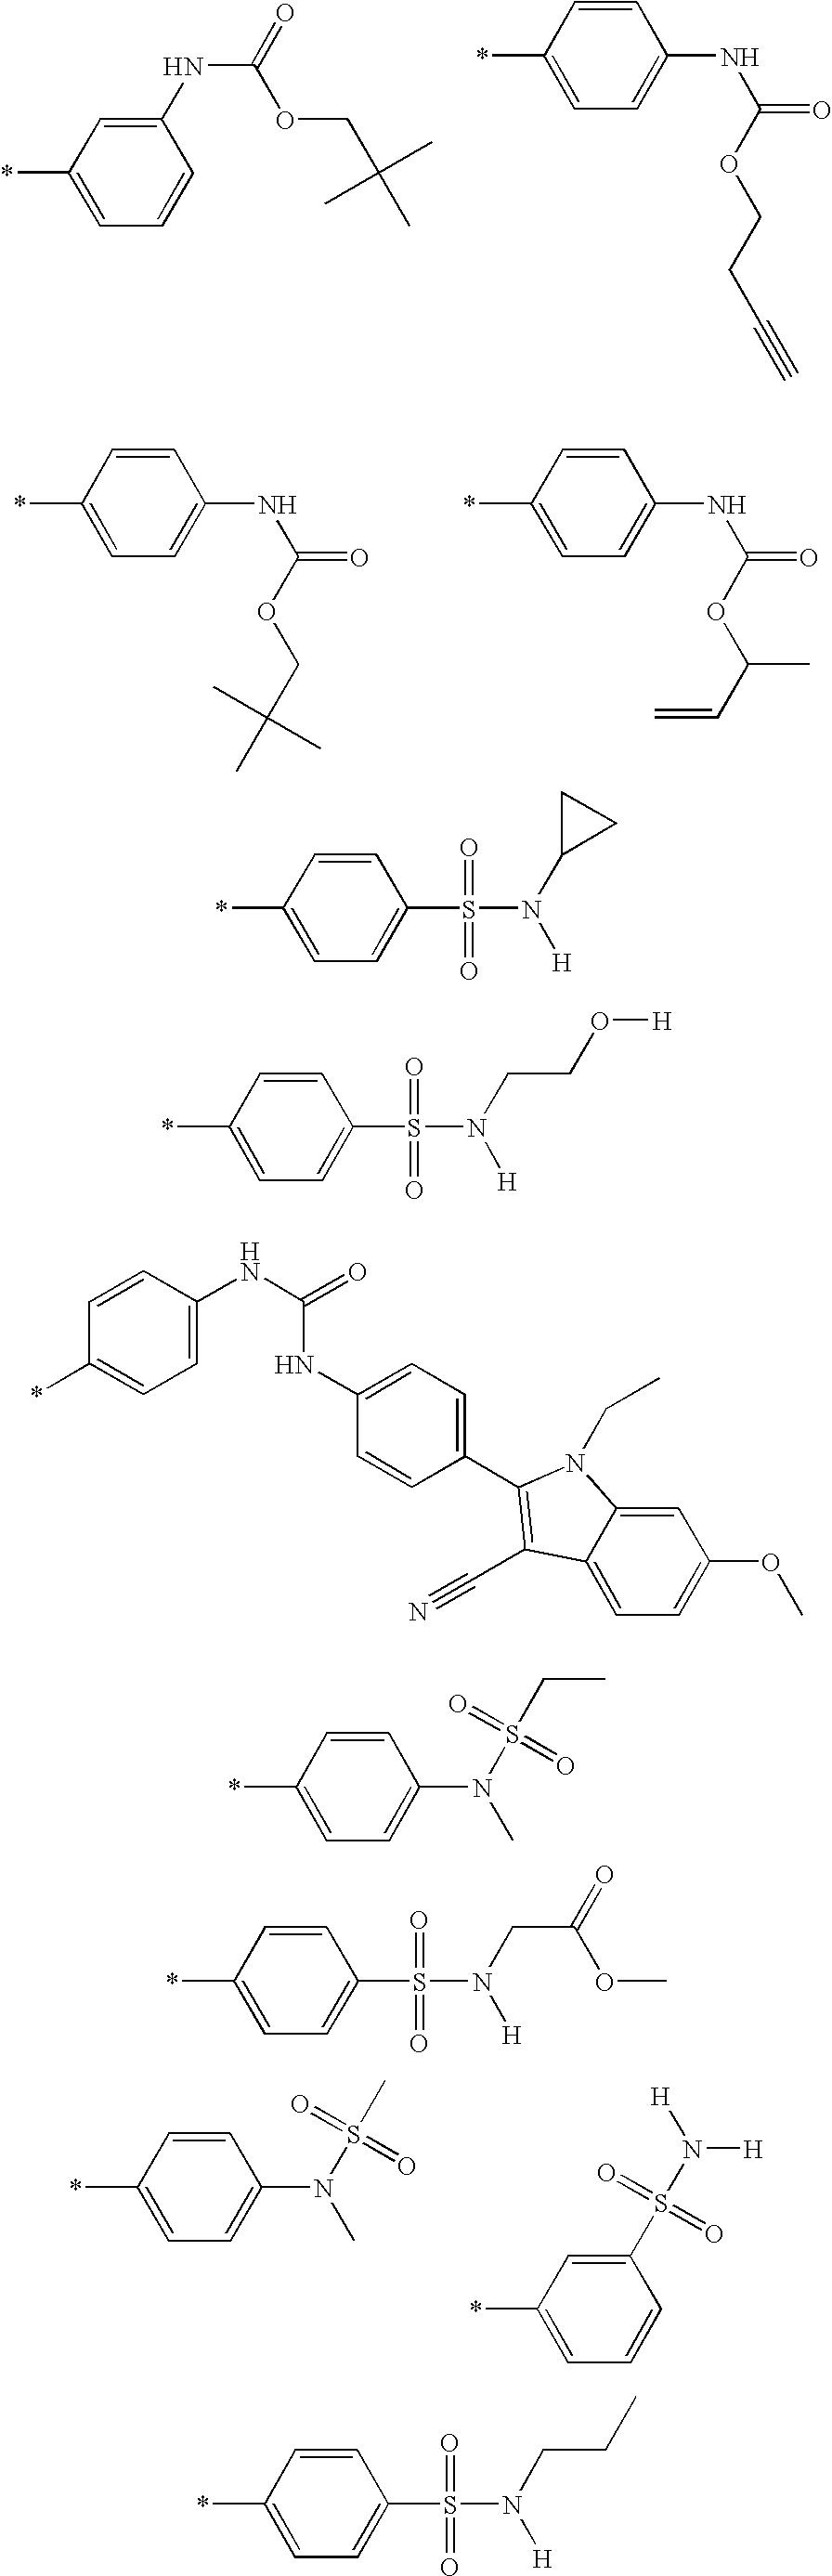 Figure US07781478-20100824-C00120